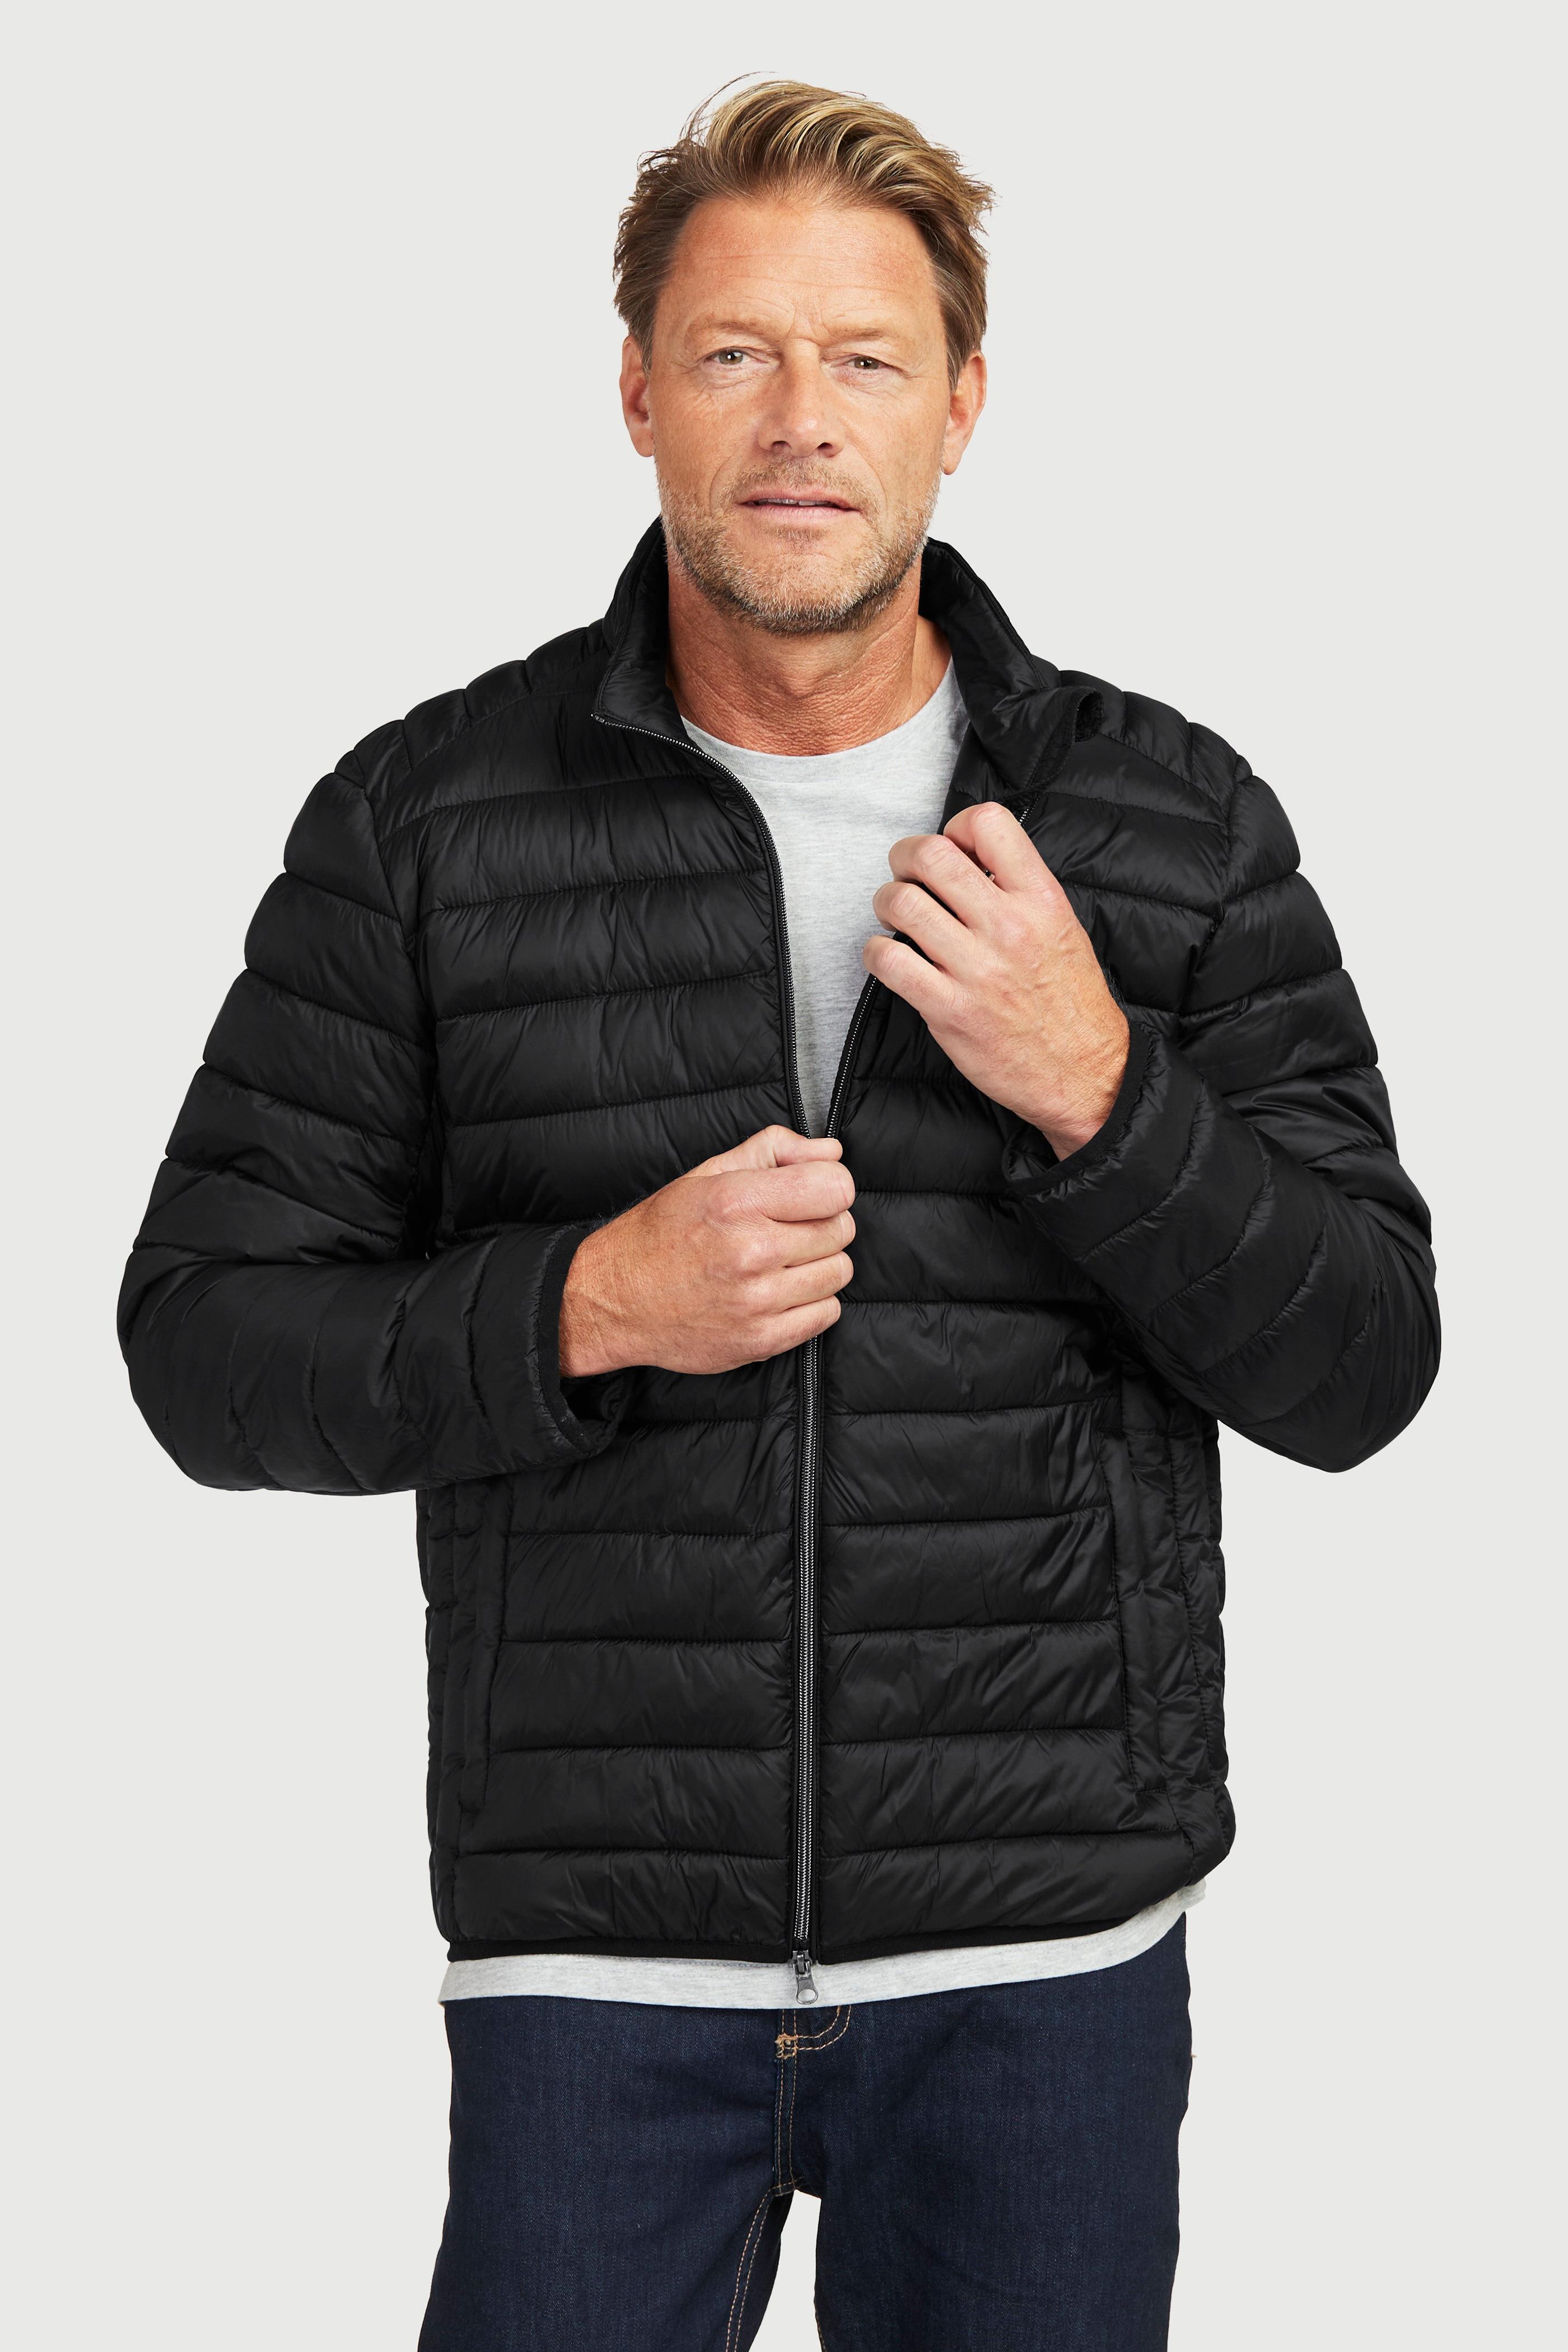 Polstrovaná lehká bunda ideální na podzim